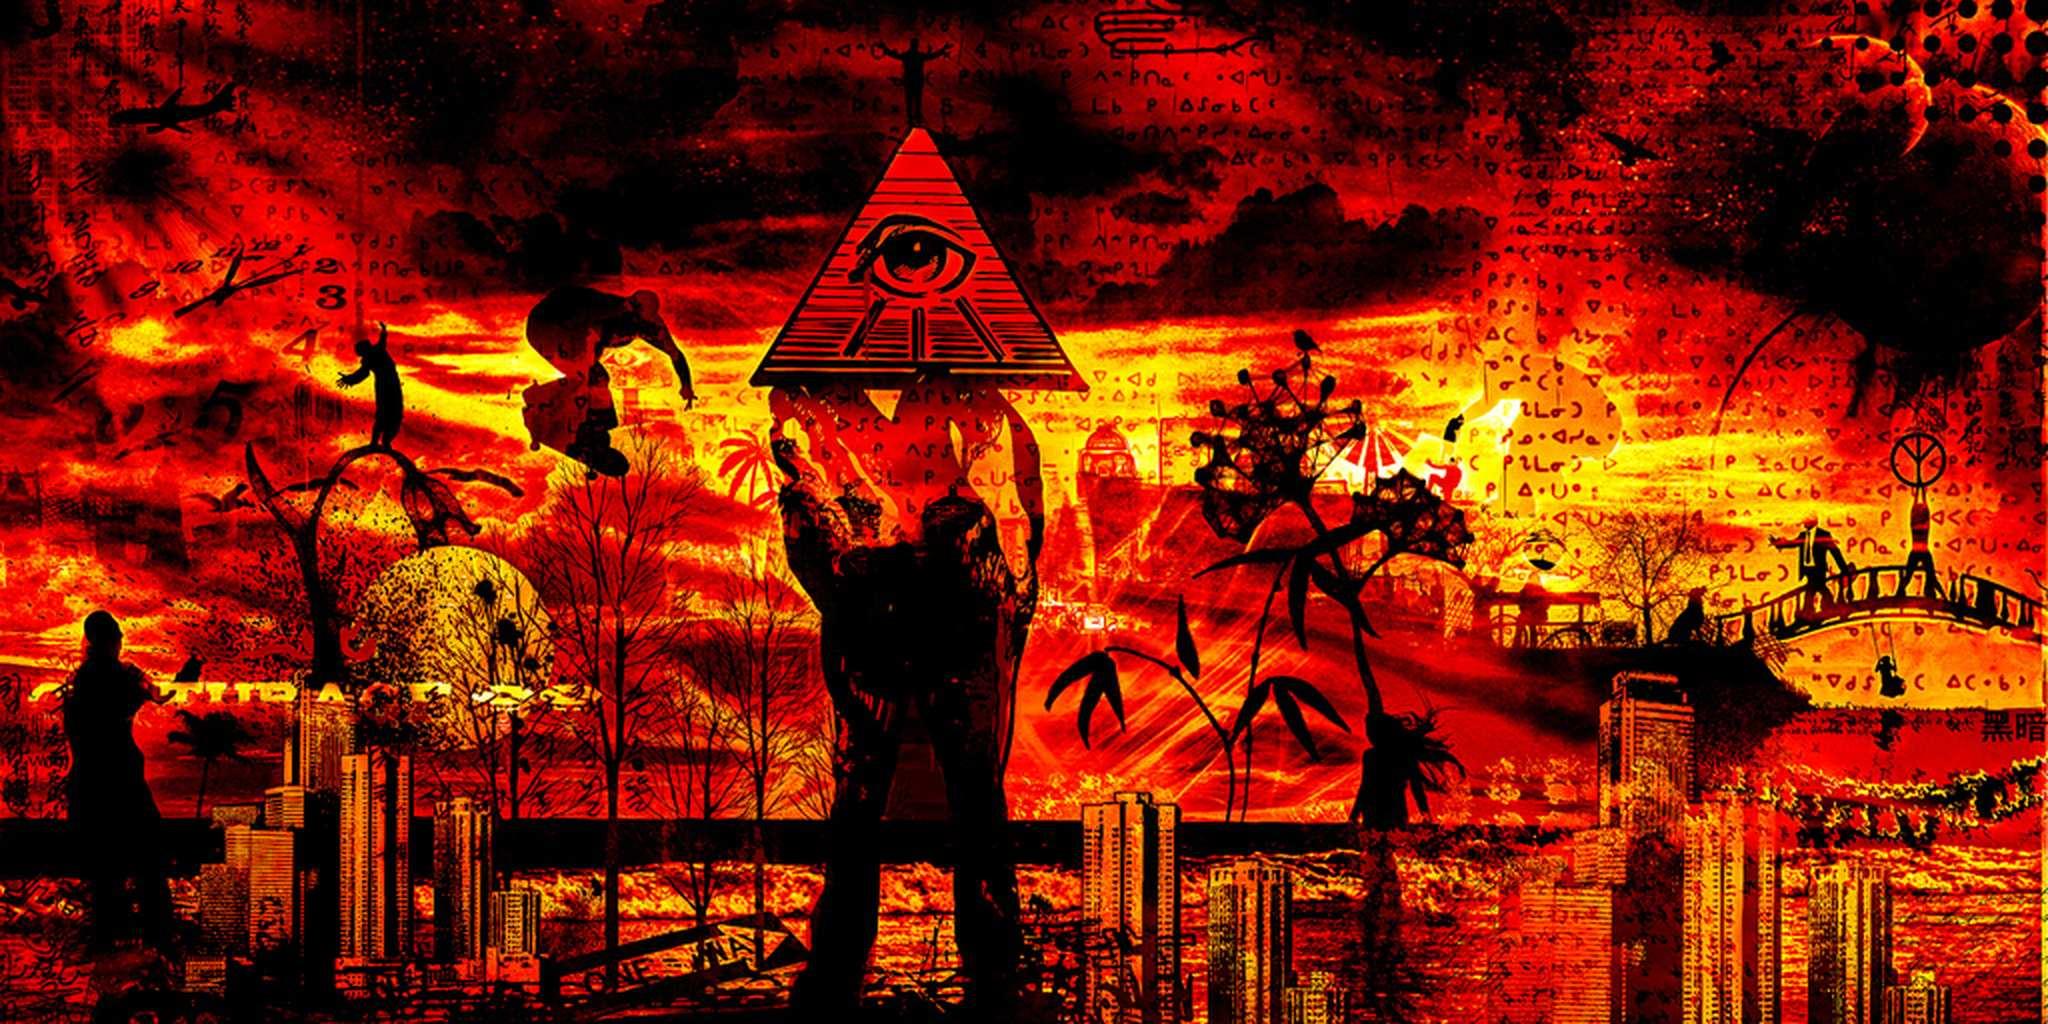 Sebuah Perkumpulan Rahasia Cina Pernah Mengeluarkan Ancaman Terhadap Kelompok Iluminati